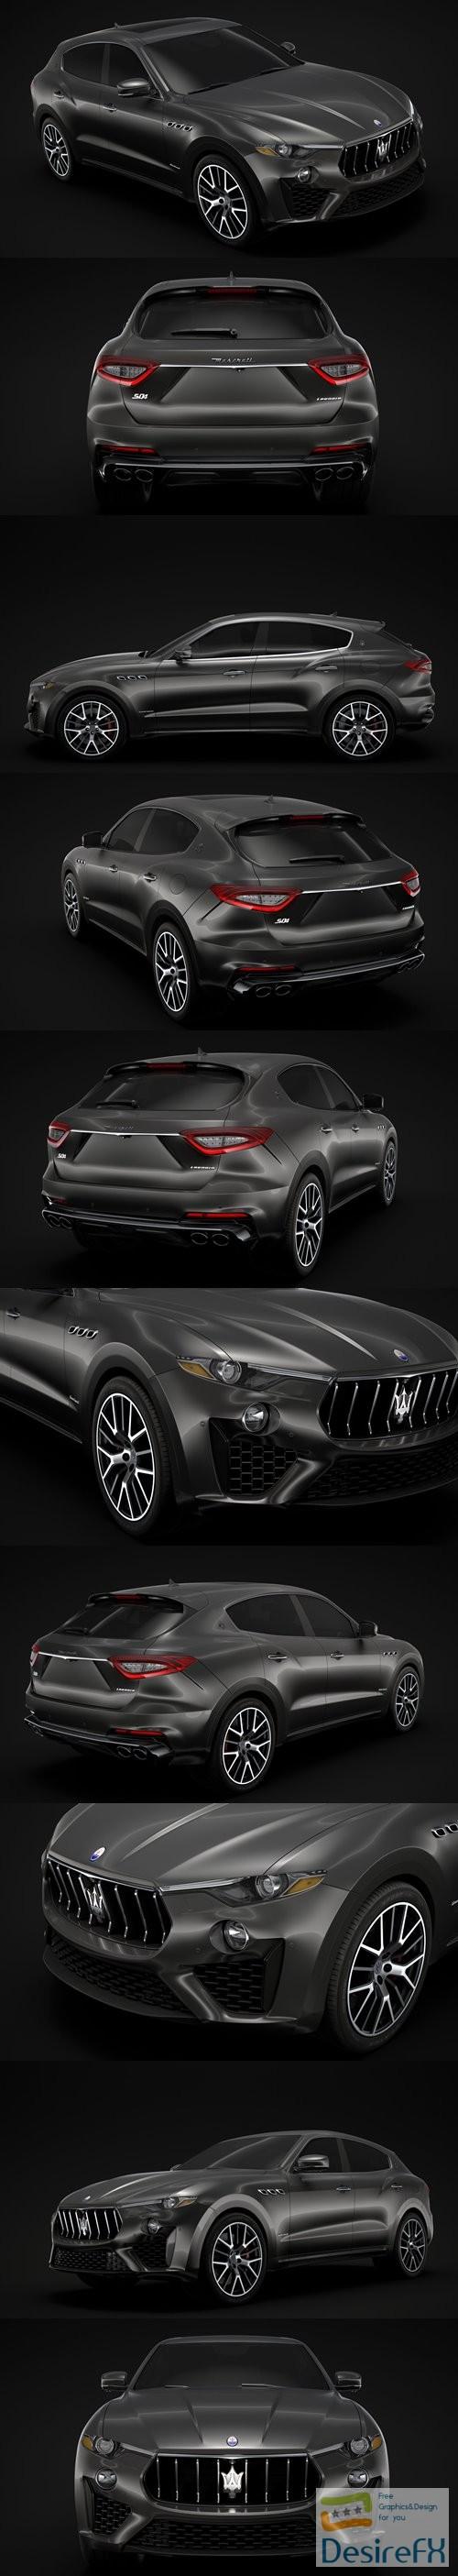 3d-models - Maserati Levante S Q4 GranSport 2019 3D Model